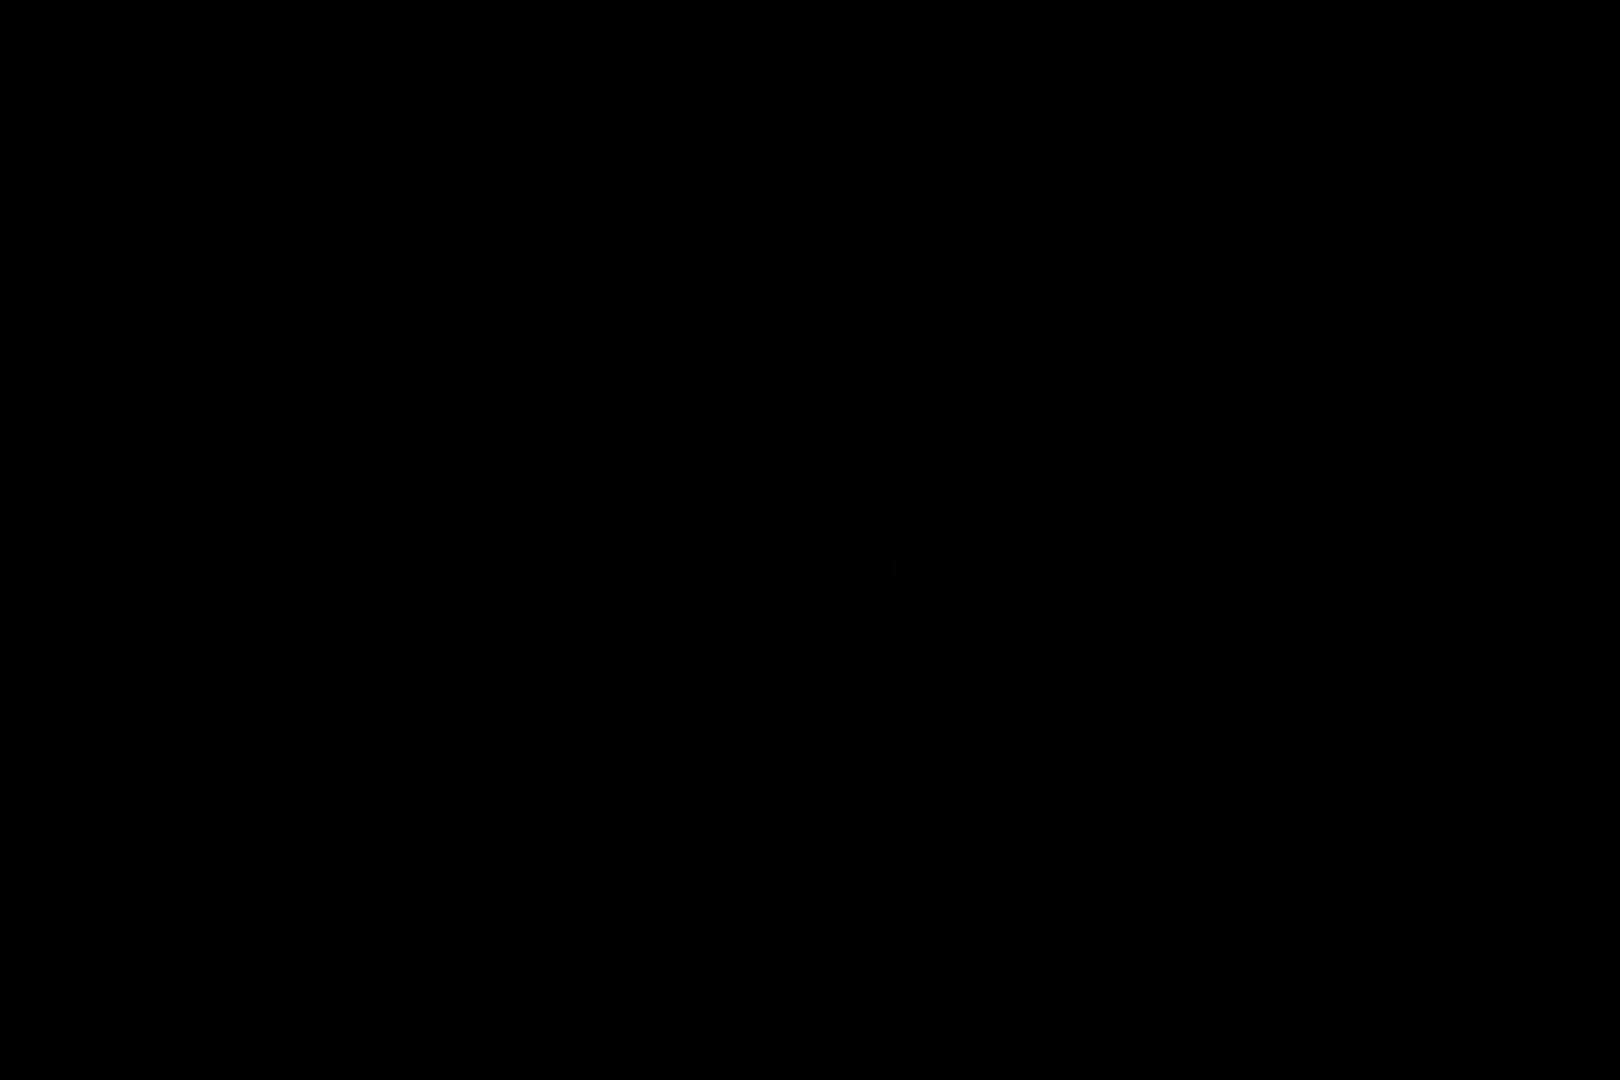 ドッきり悪戯に失敗した男の末路 前編 フェラDE絶頂 | スジ筋系ボーイズ  107pic 64